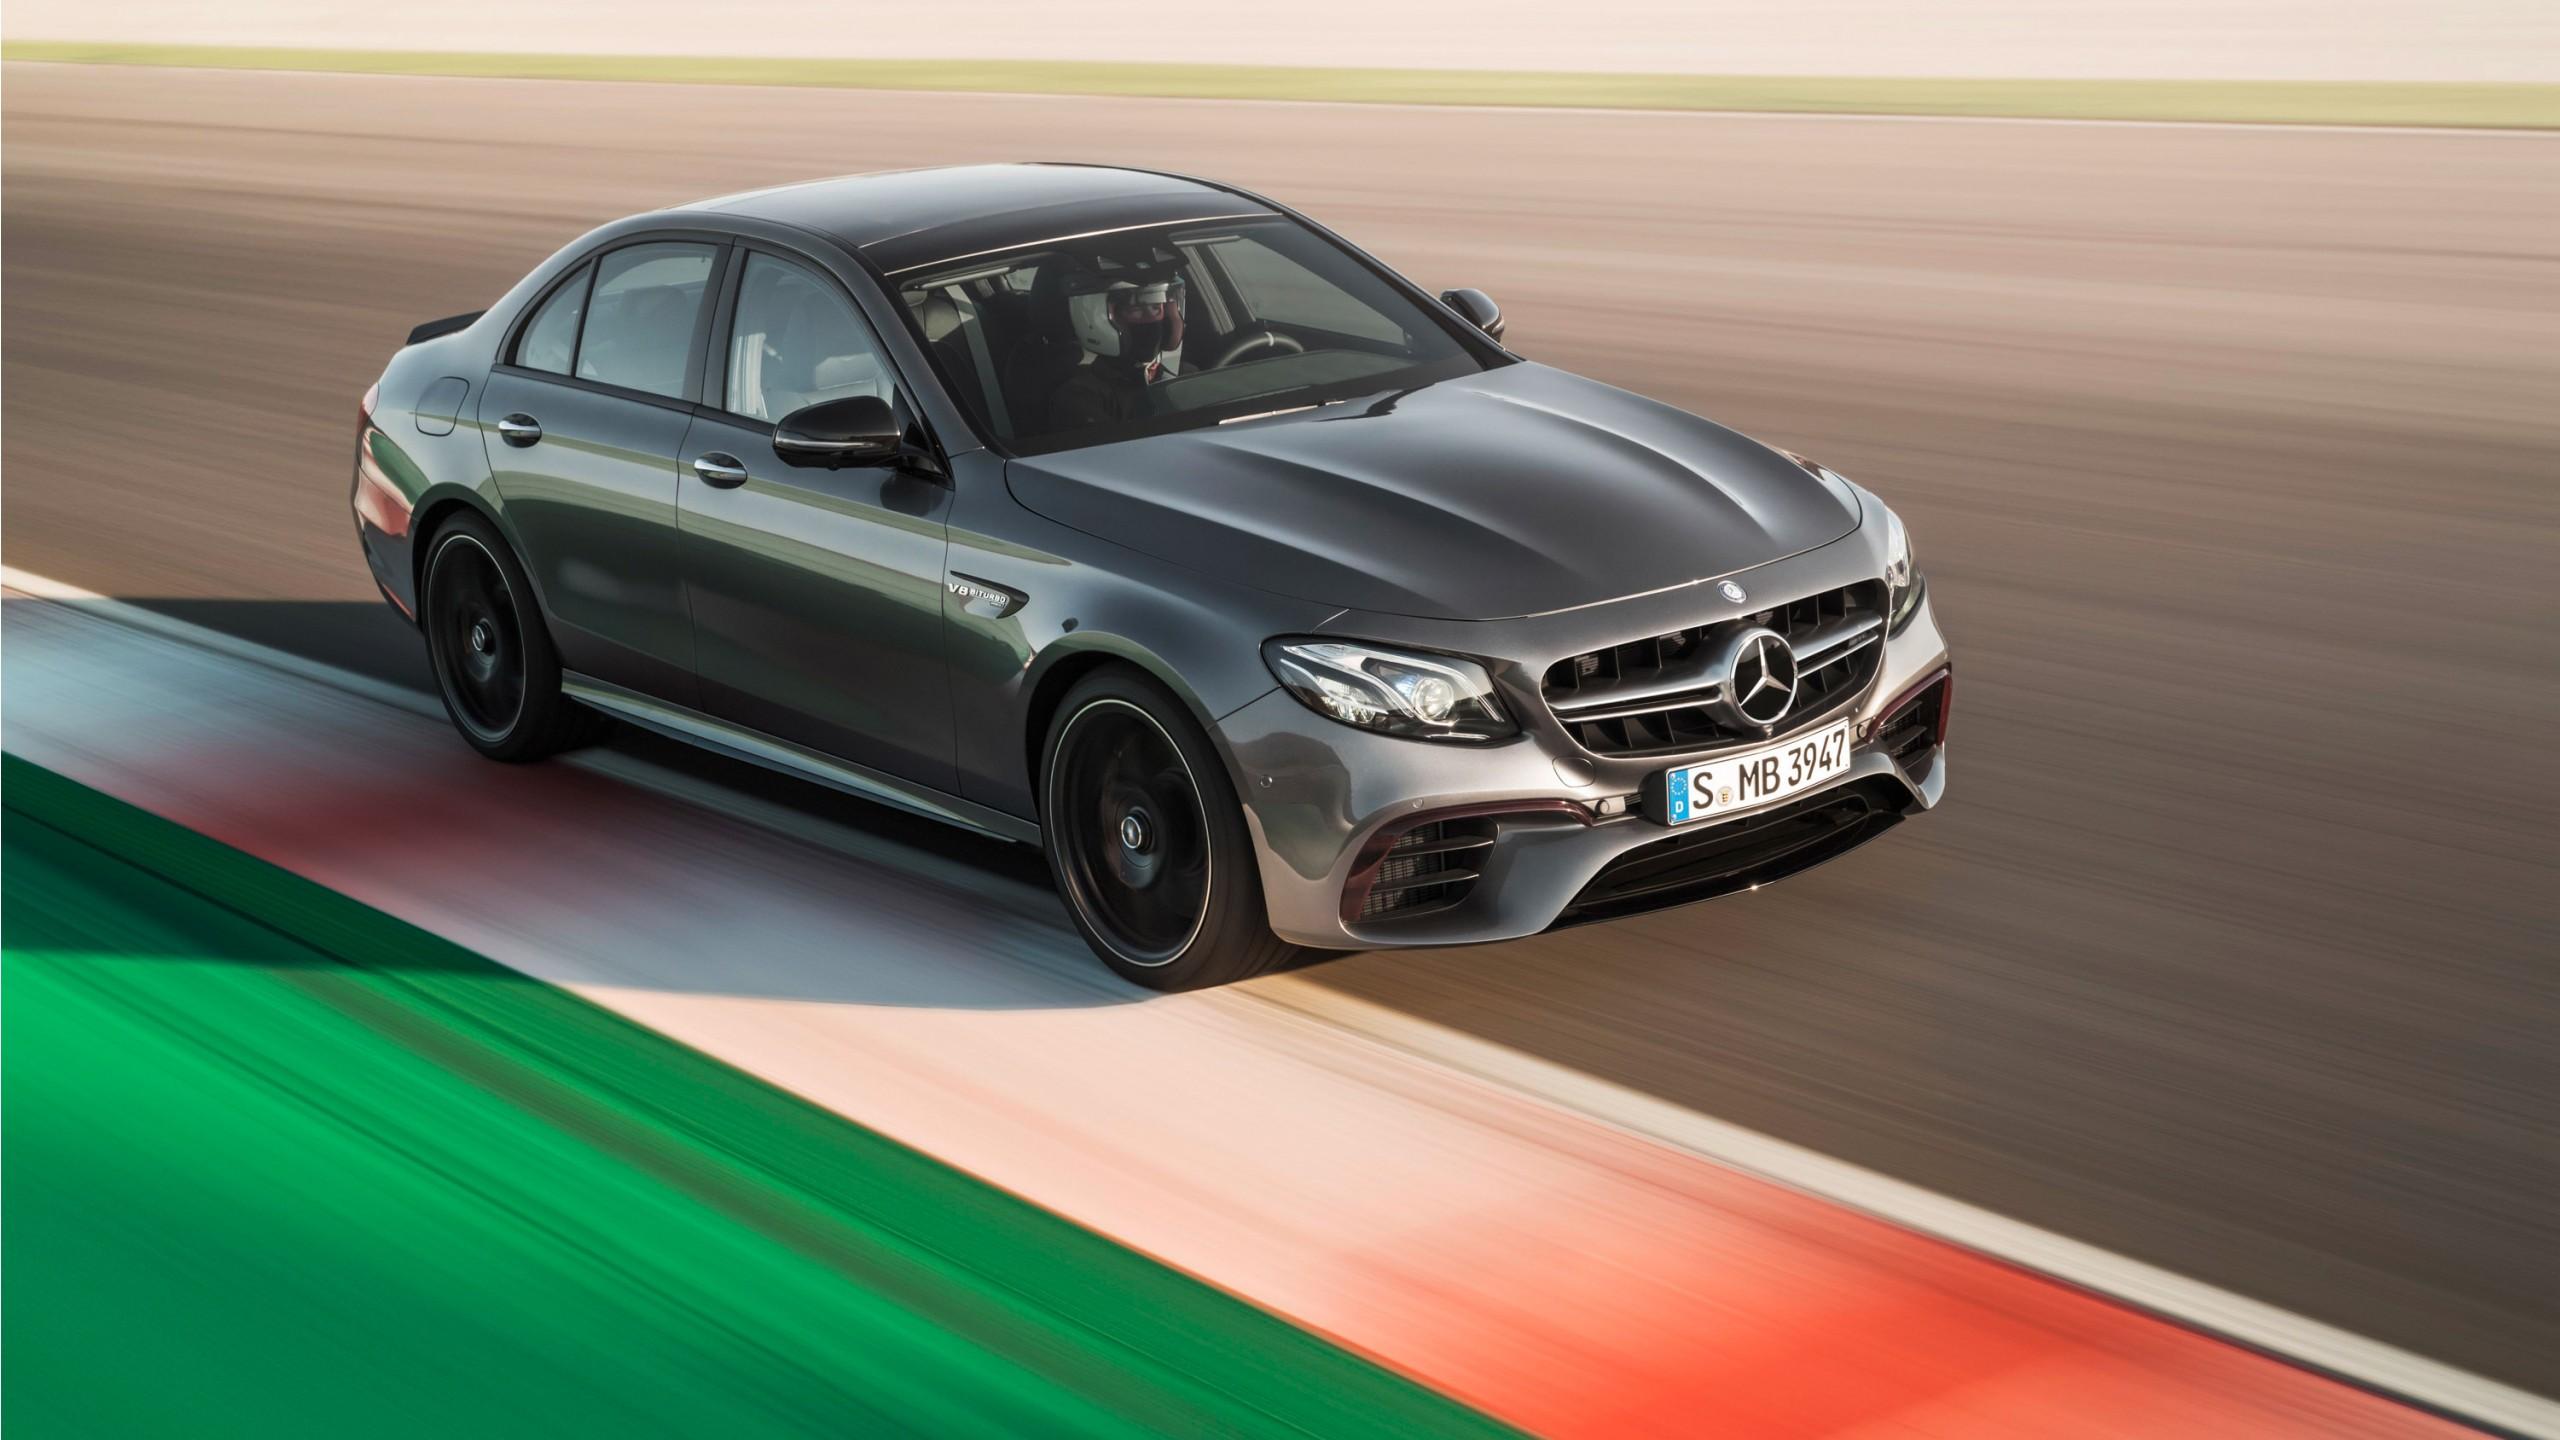 2016 Mercedes AMG E63 4matic Wallpaper HD Car Wallpapers